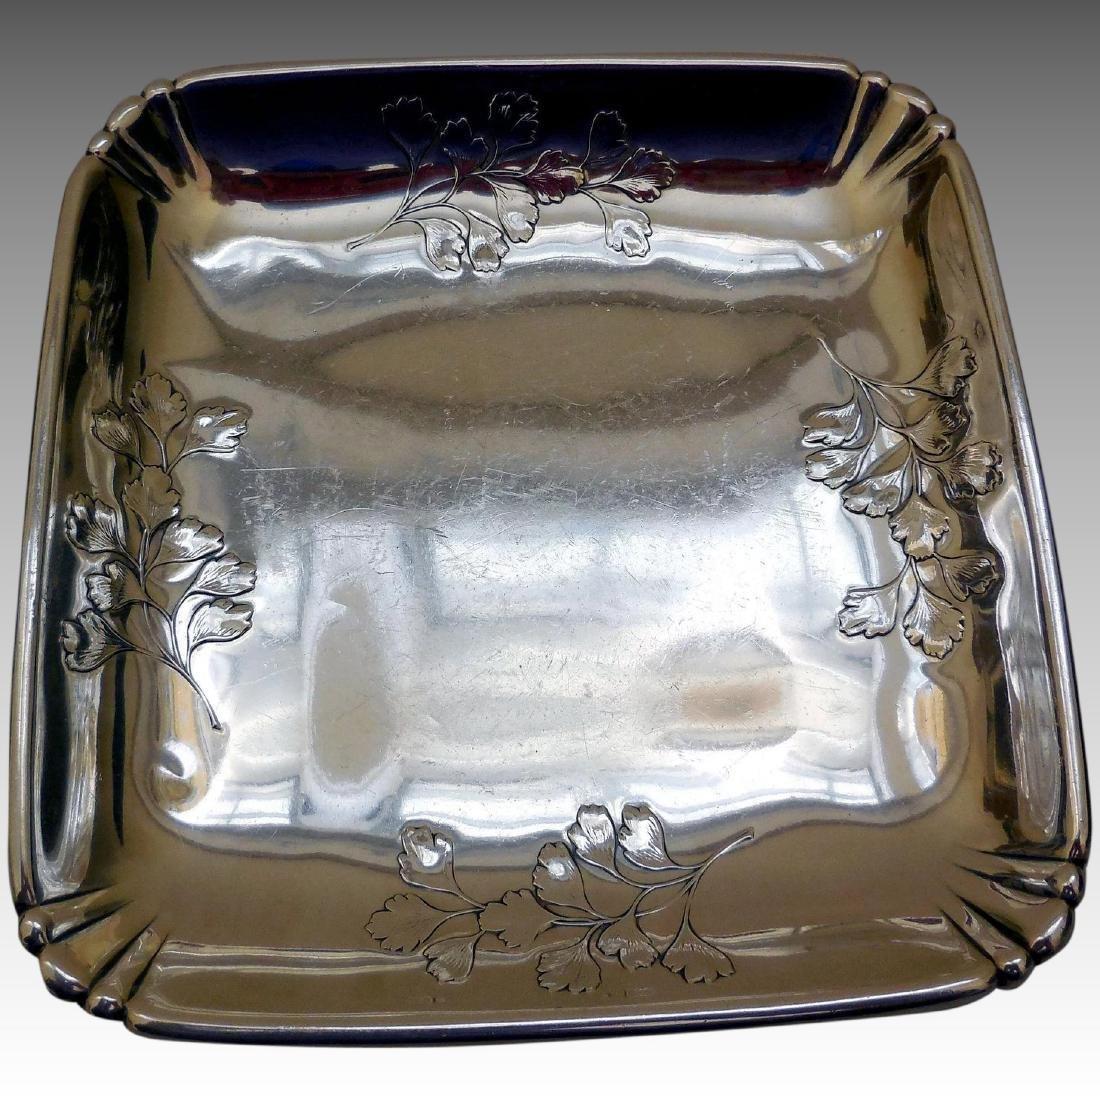 Vintage Sterling Silver Serving Dish